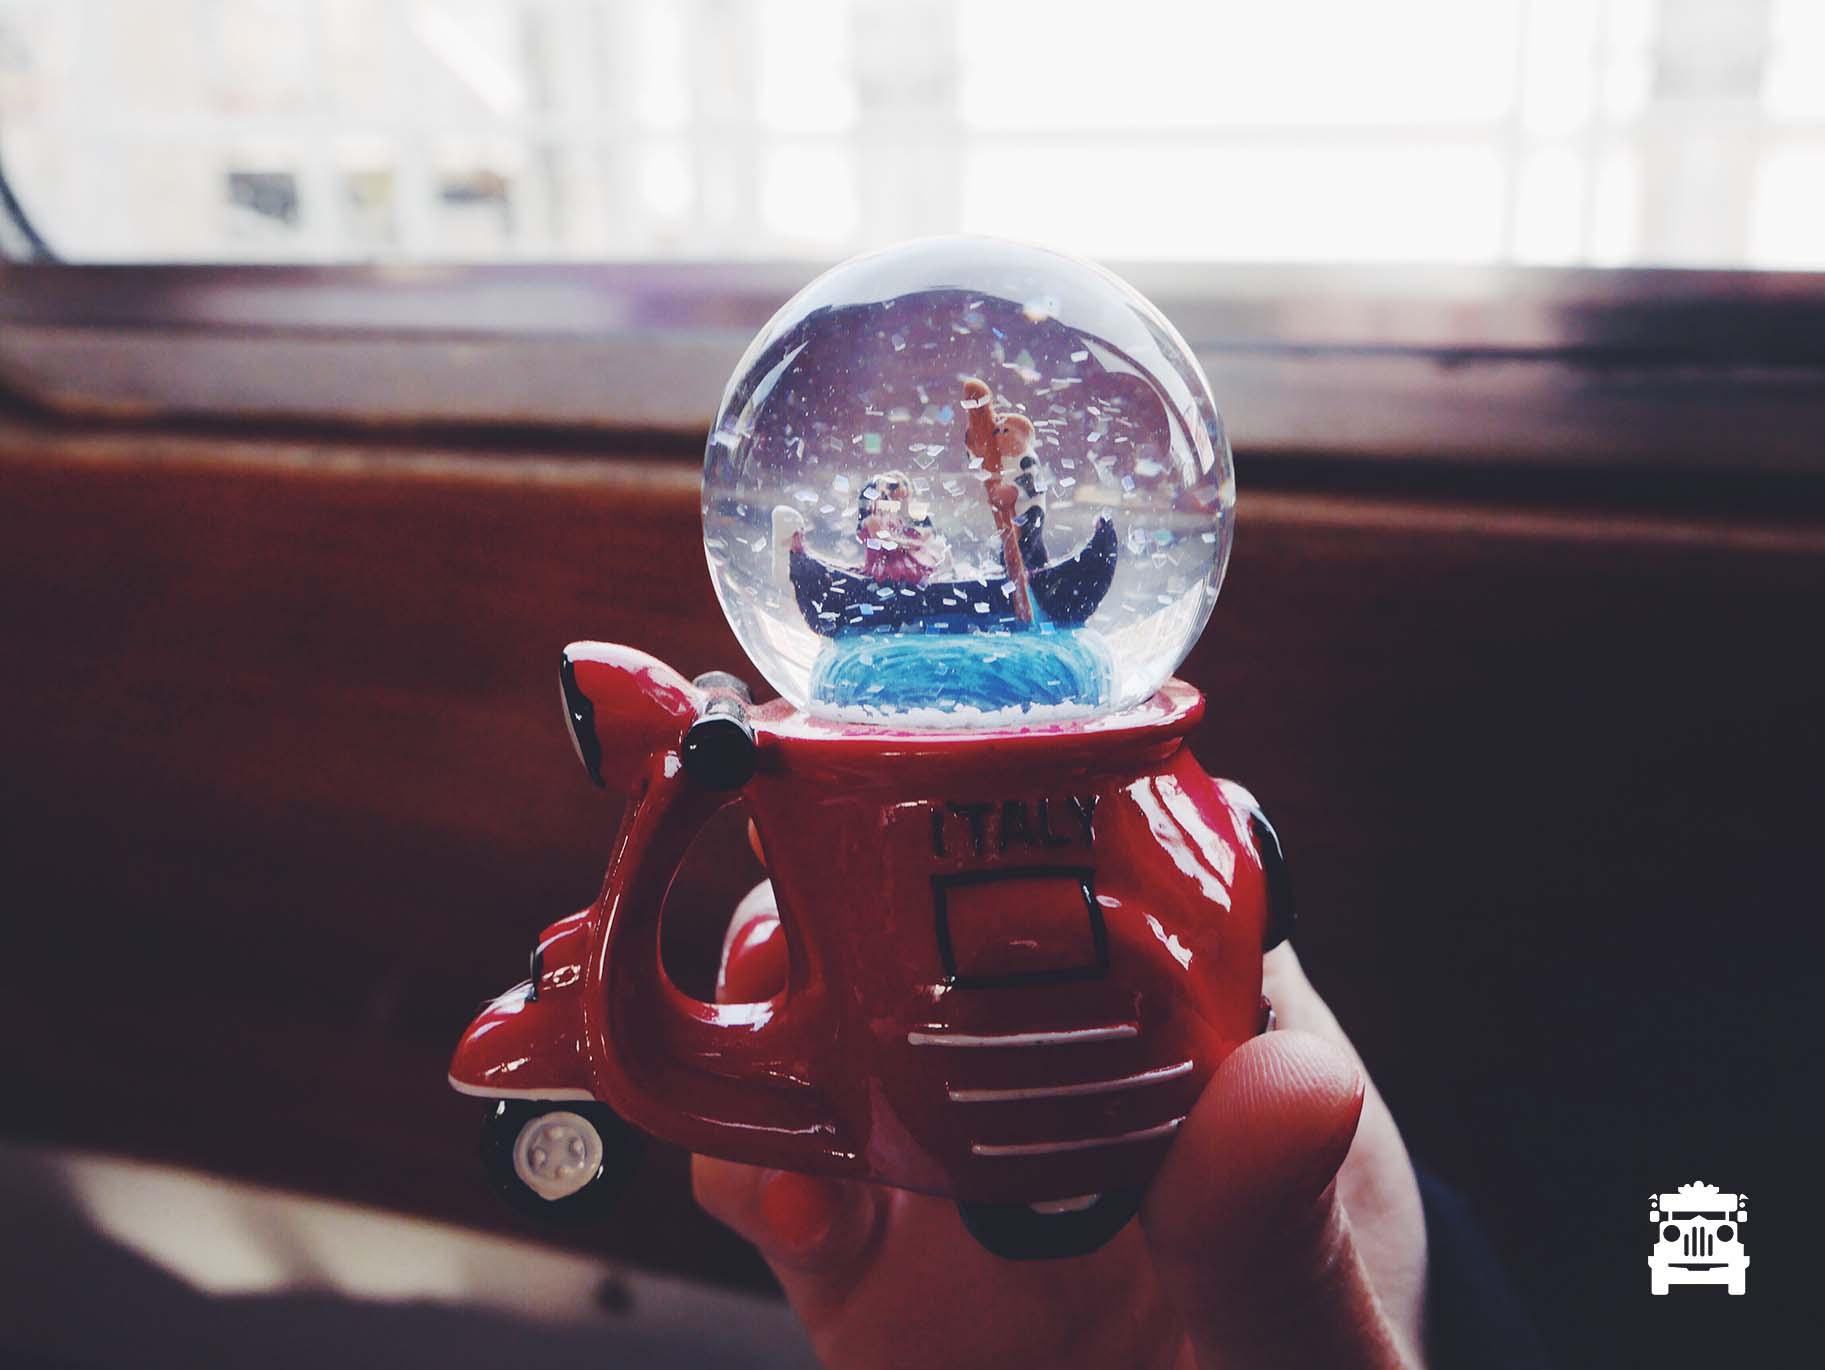 The snow globe for Wifey :)